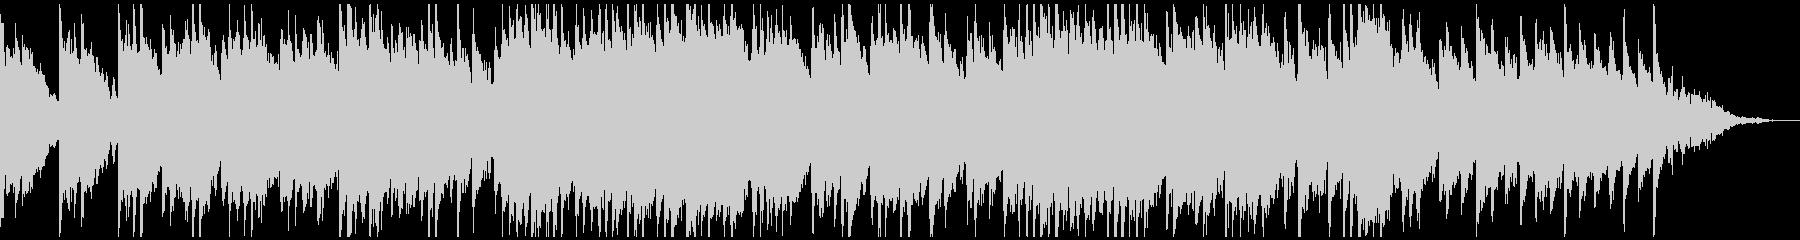 秋の並木道をピアノとバイオリンで表現の未再生の波形